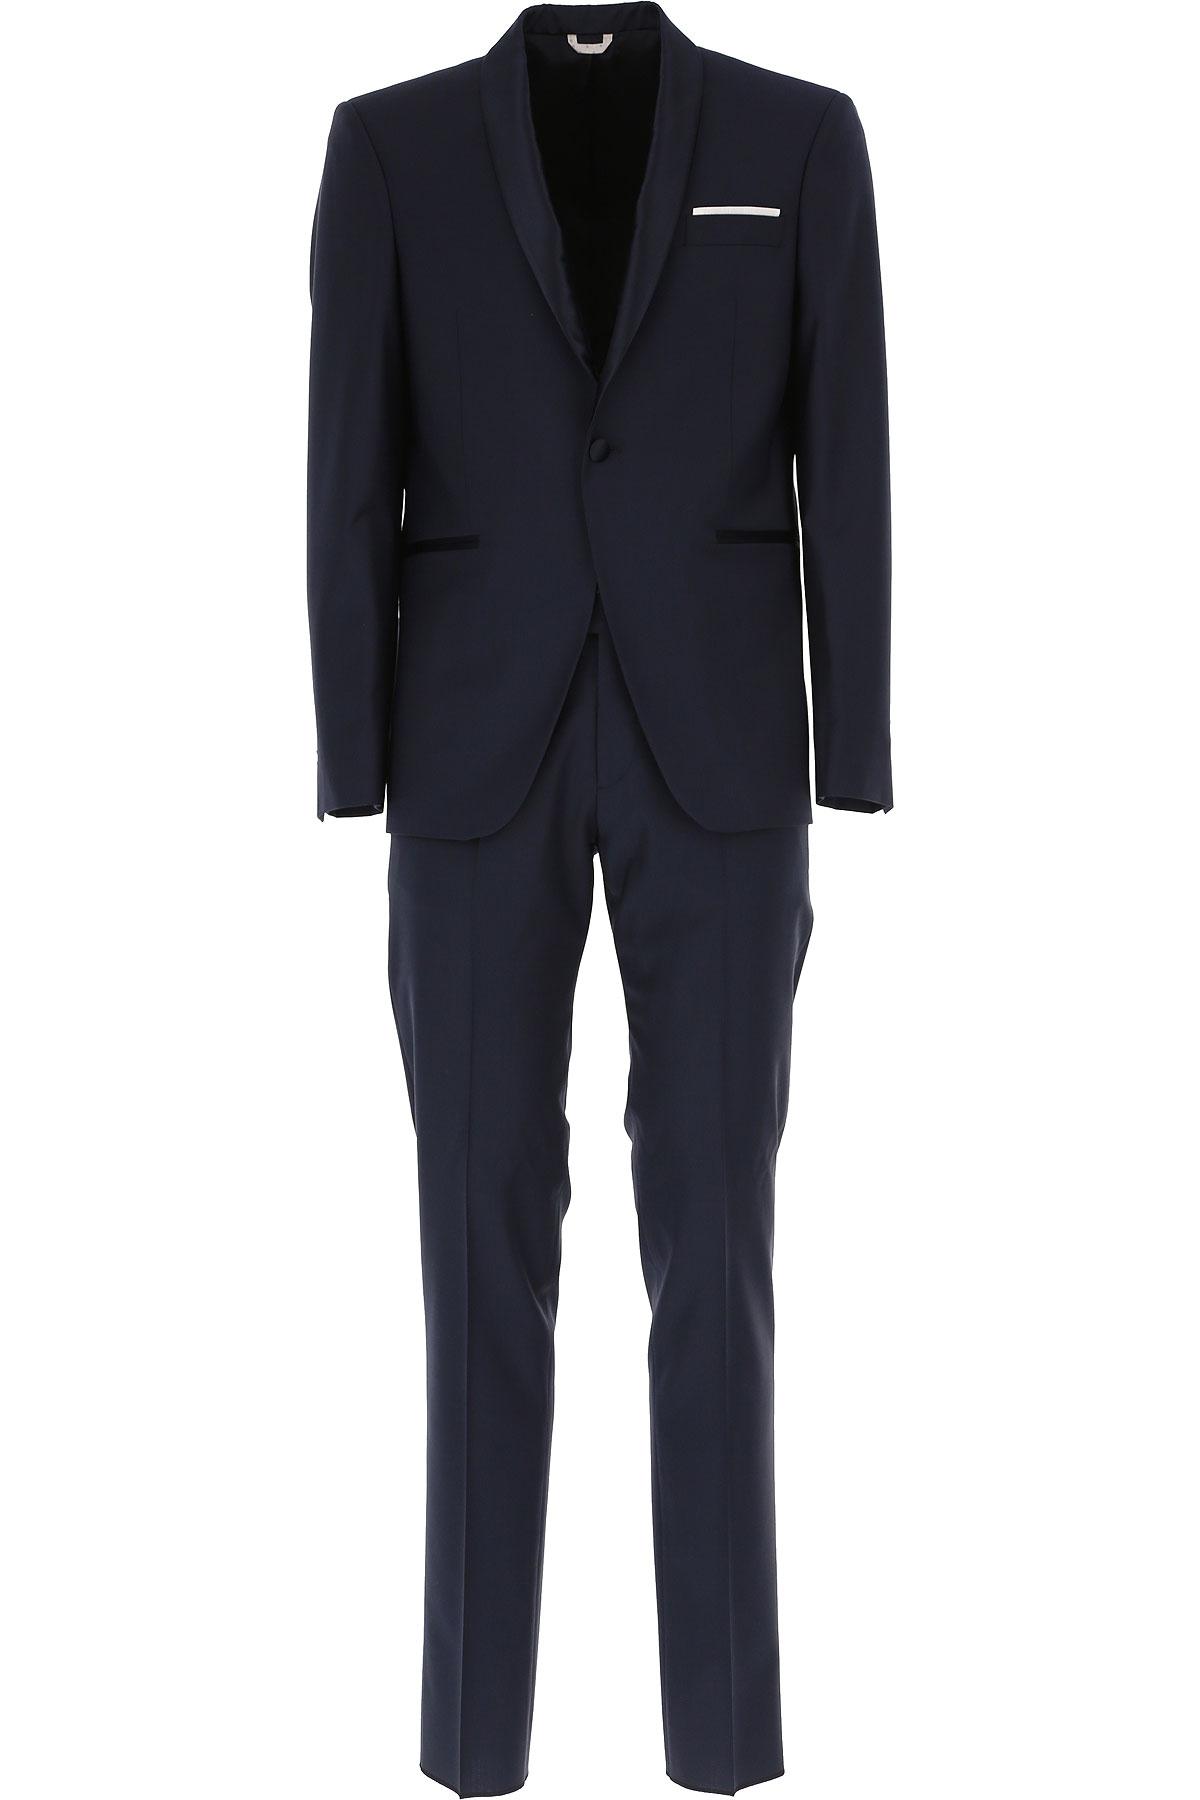 Simbols Costume Homme Pas cher en Soldes, Bleu foncé, Polyester, 2019, L XL